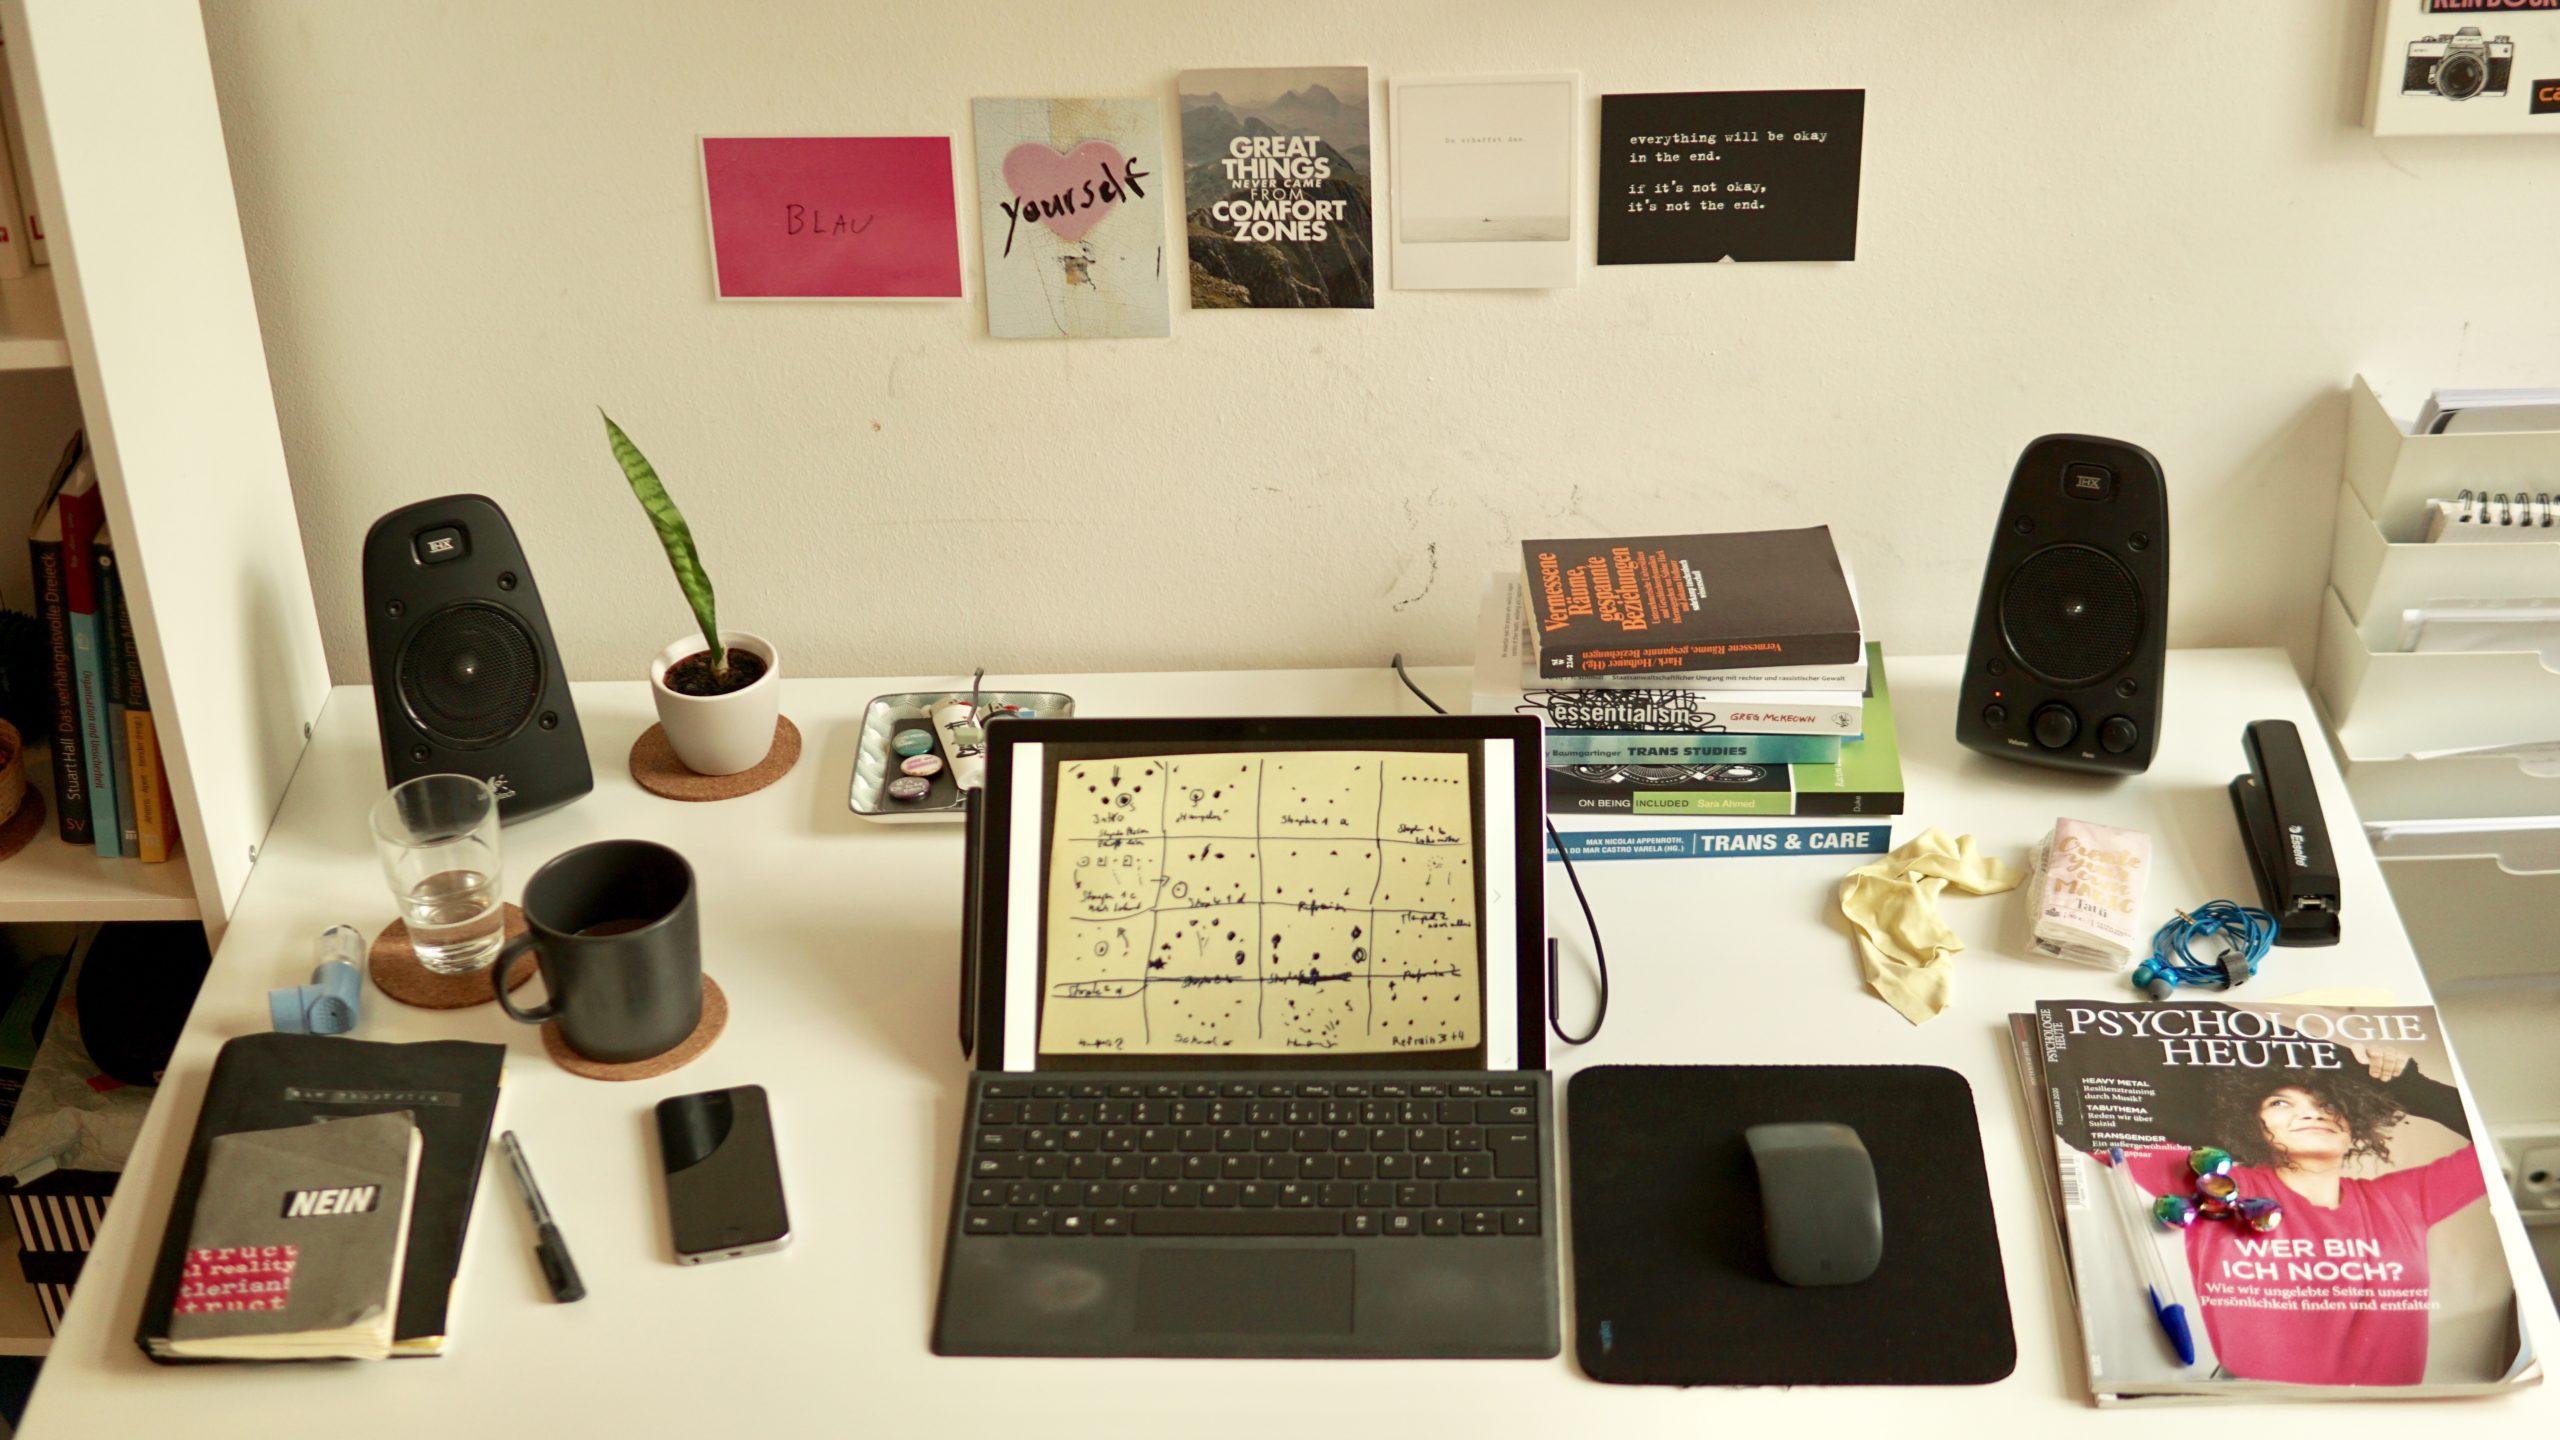 #Mein Schreibtisch: Ray Trautwein